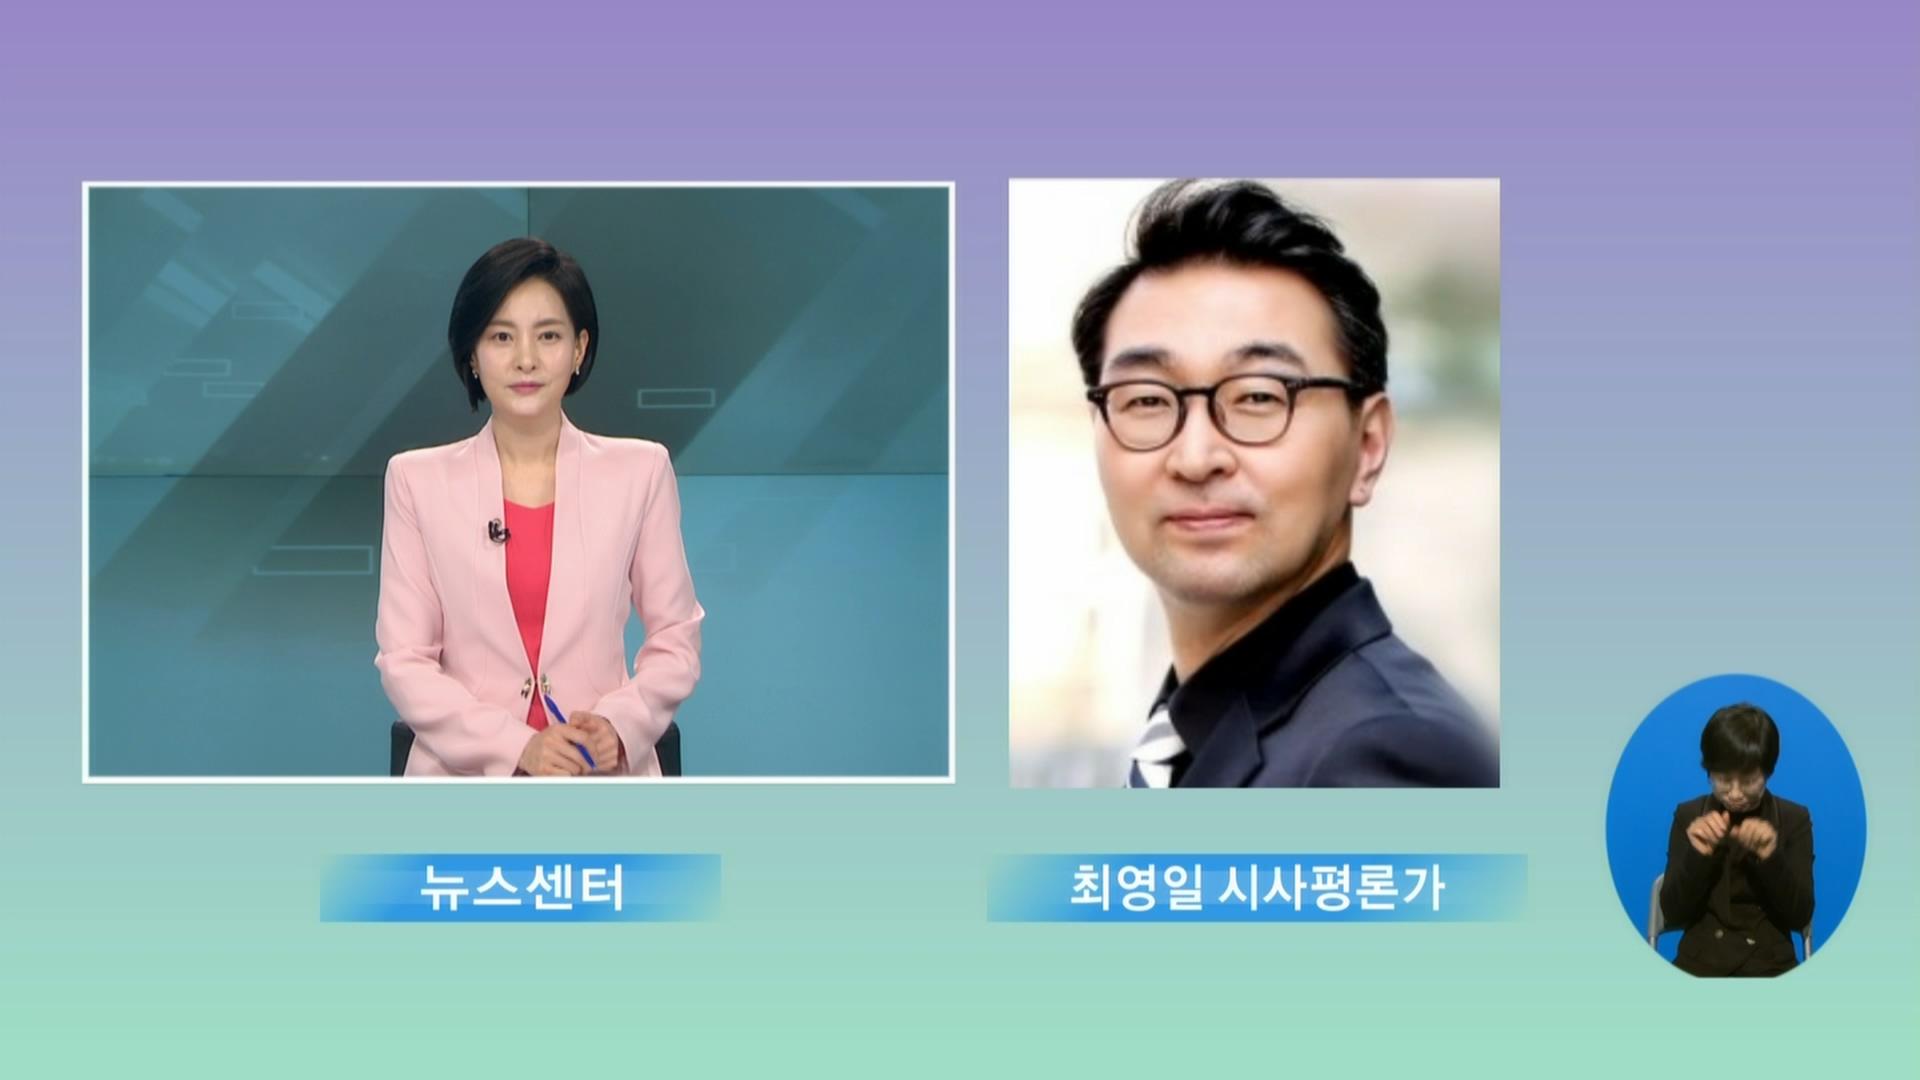 [OBS 전격 인터뷰] 물컵이 부른 쓰나미…조양호 '대국민 사과'